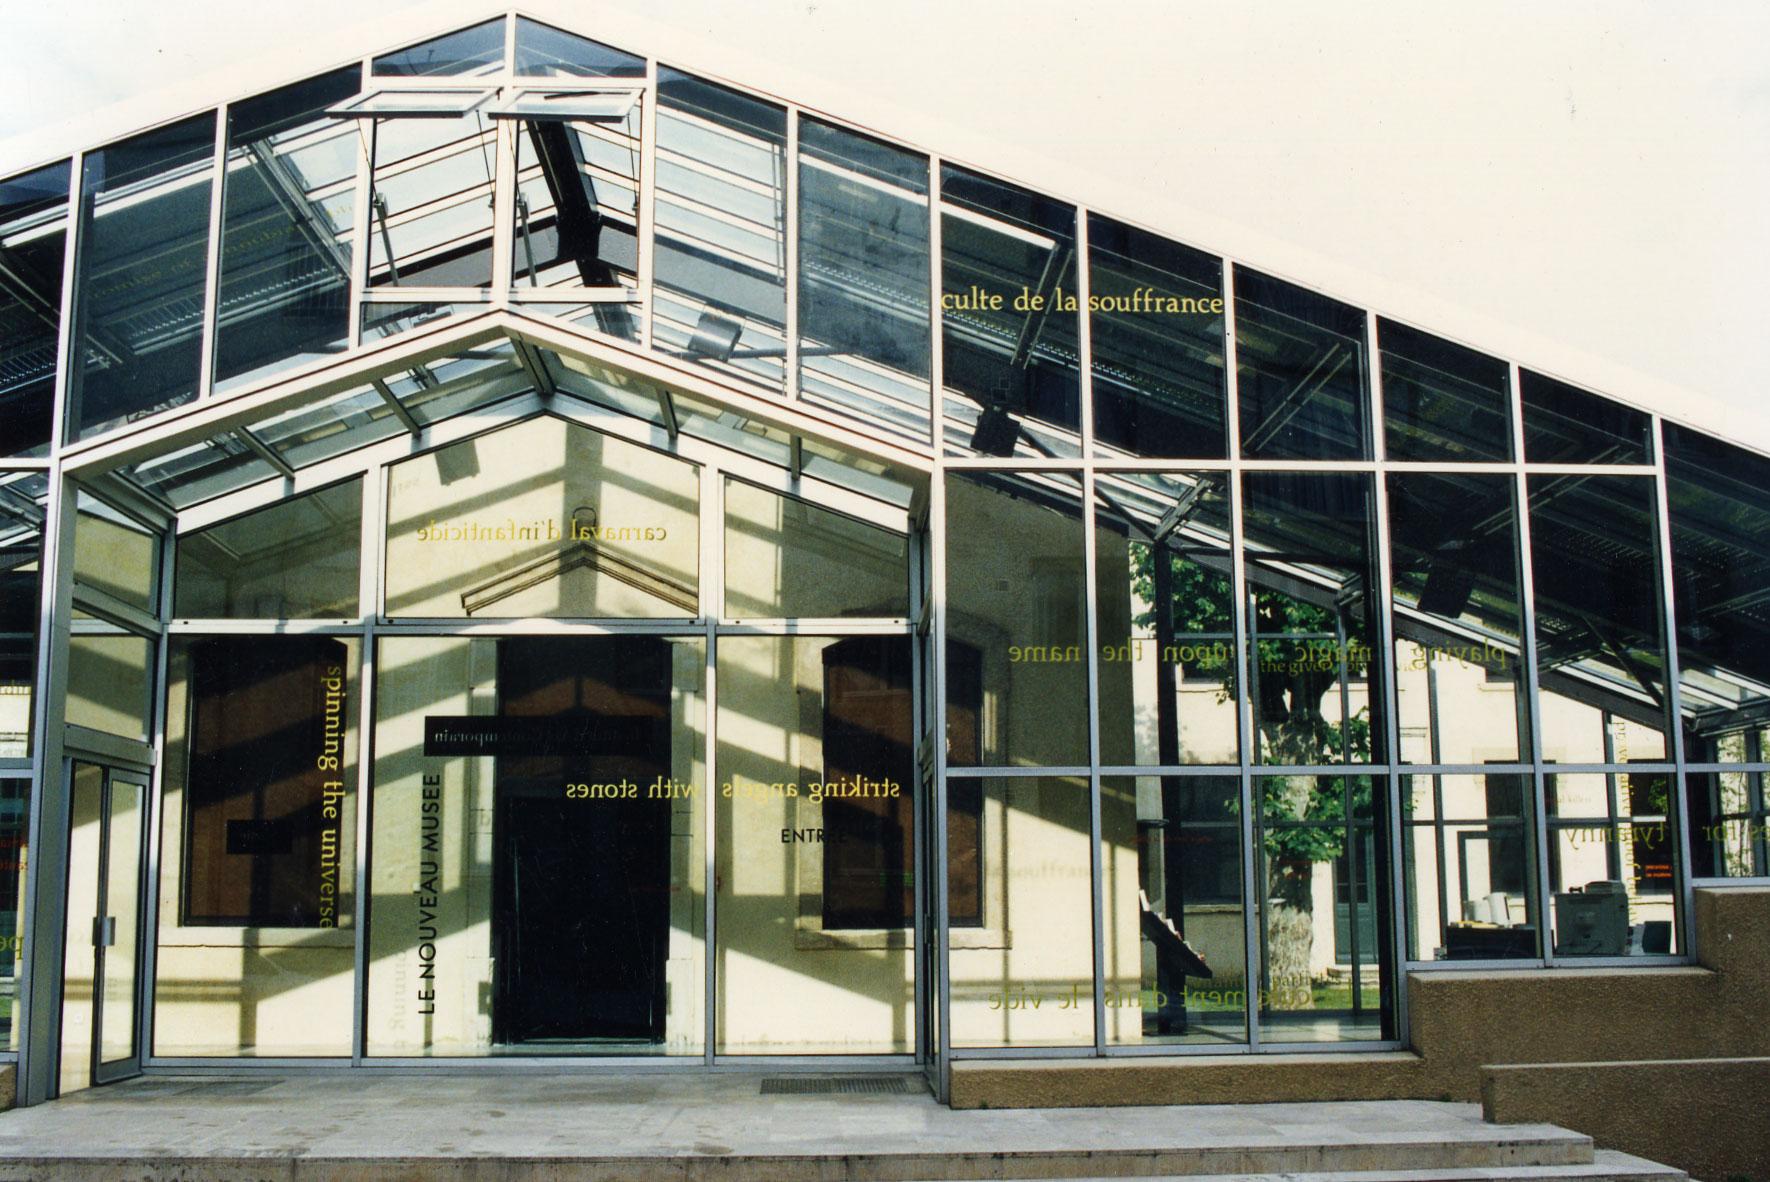 Le Nouveau Musée, 1997 (1 of 2)